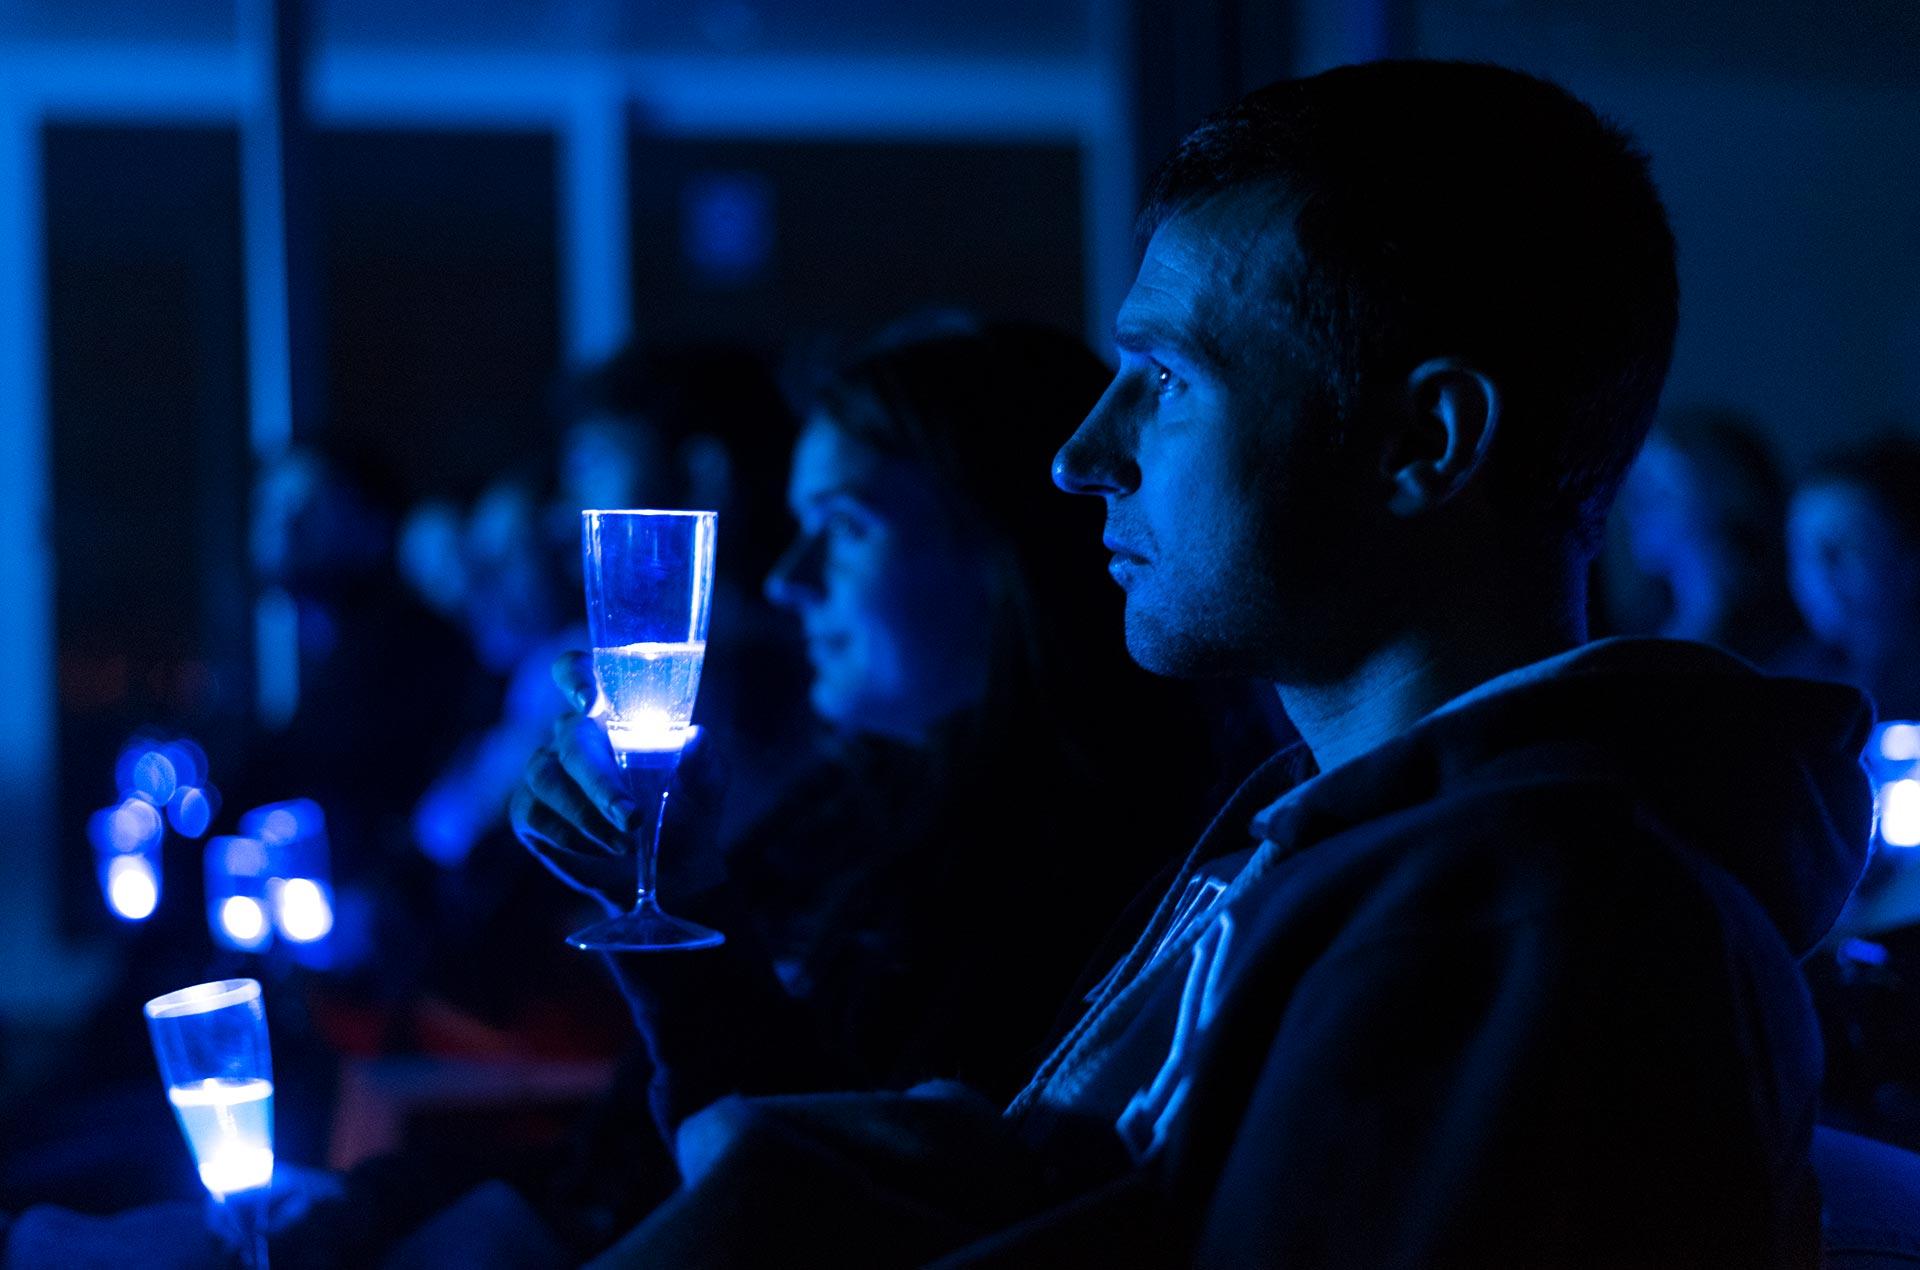 El maridaje estelar es una cata de vino y estrellas. ¡Apúntate al próximo!